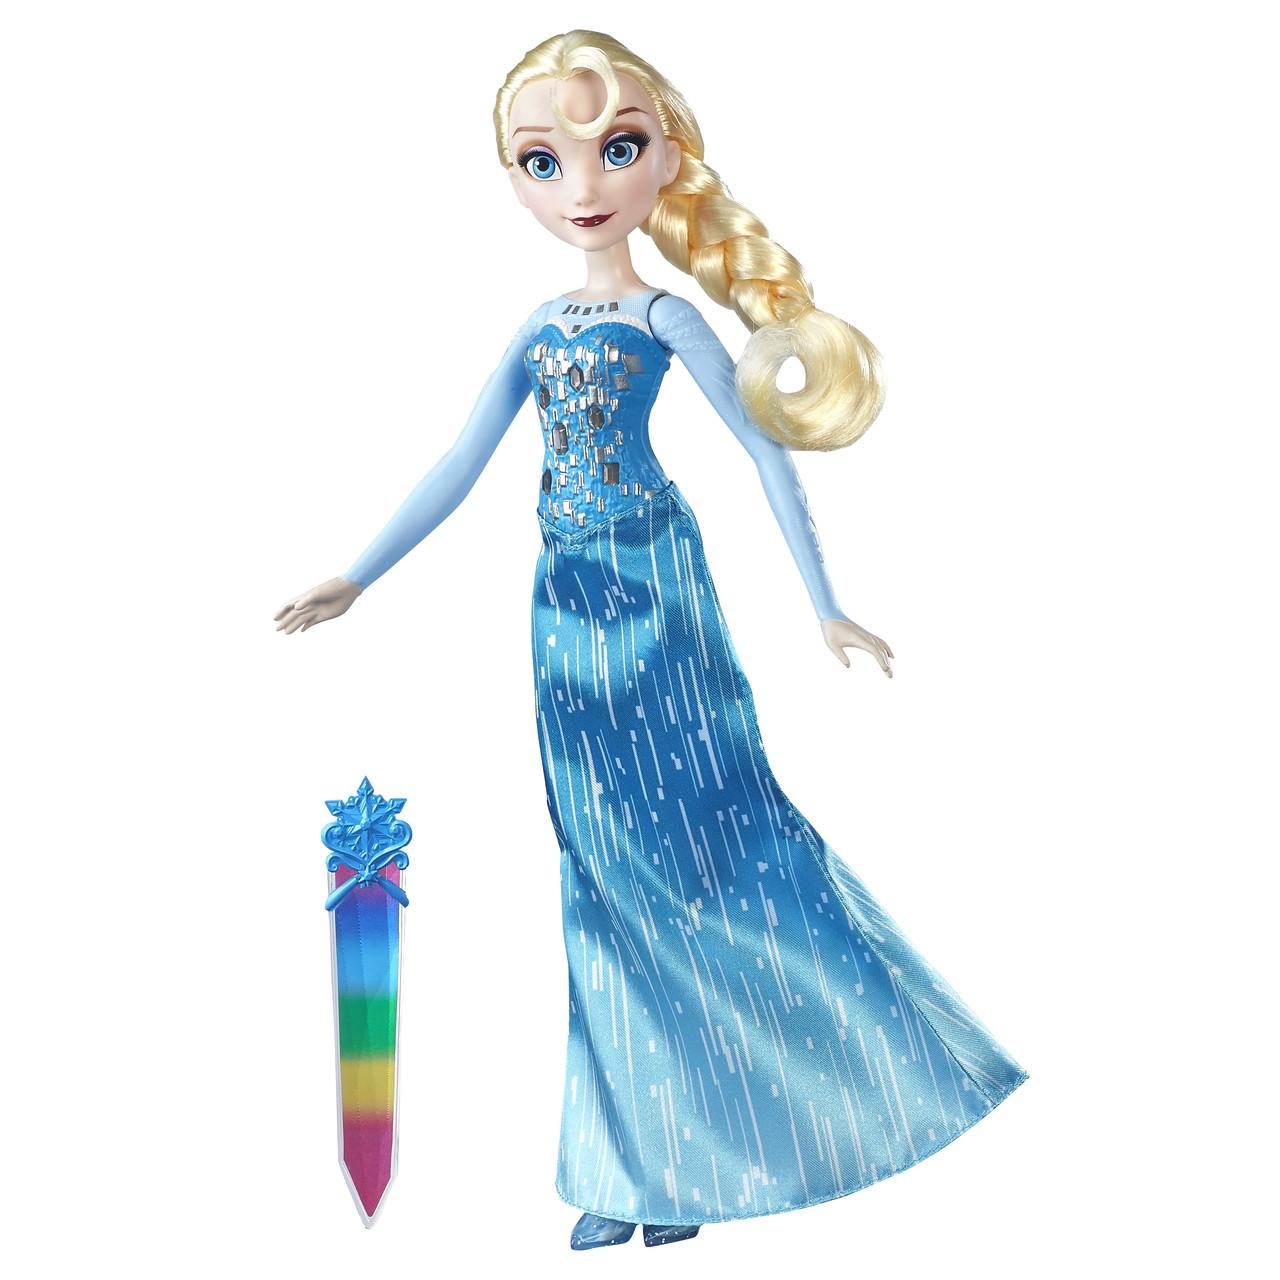 Куклы и пупсы «Disney Frozen» (B6162_B6163) модная кукла Эльза (Elsa) в сияющем наряде